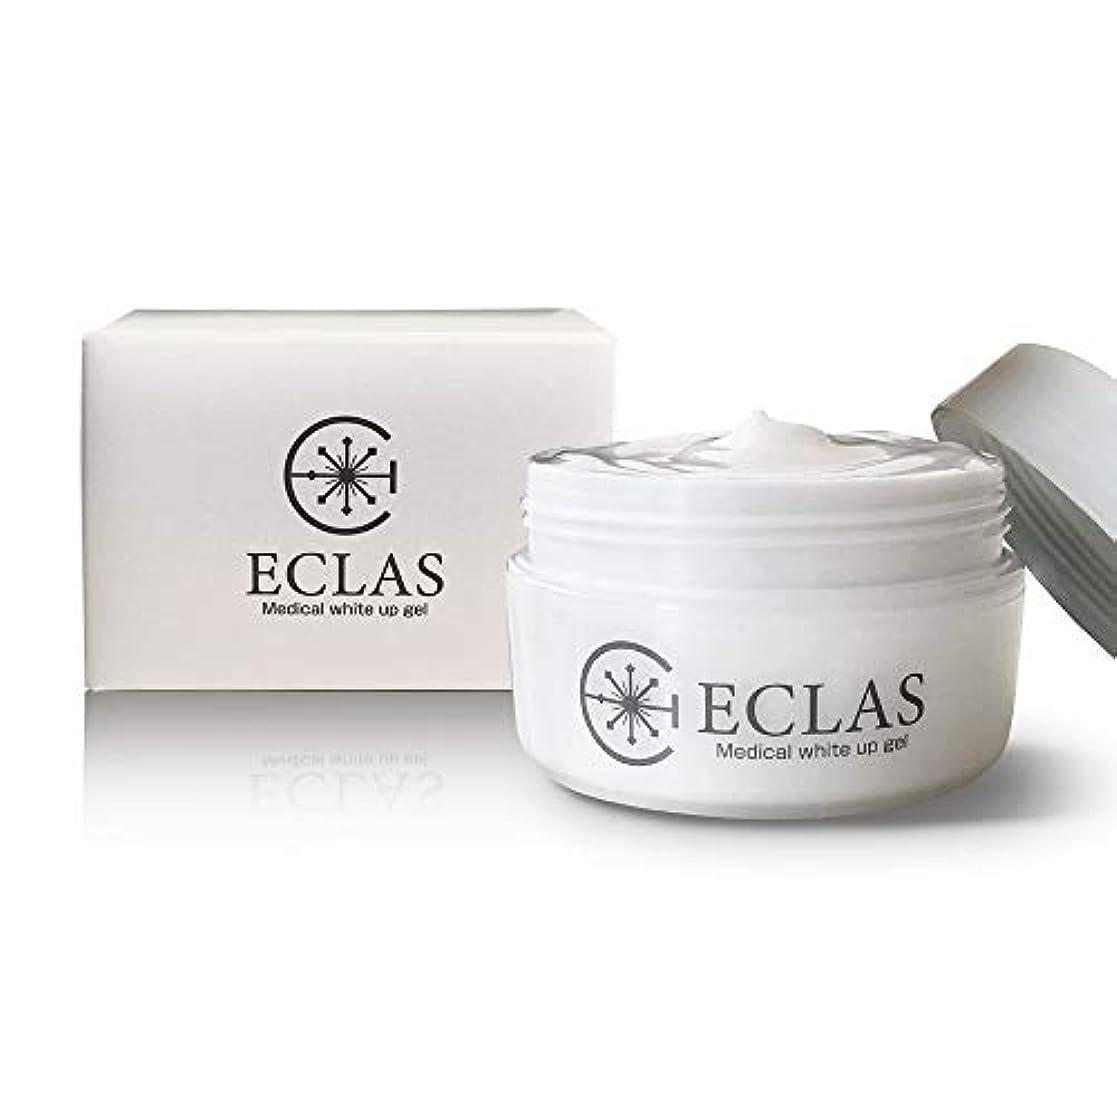 建物助けて滅多【医薬部外品】ECLAS エクラス 薬用美白ジェル ジェル状 美容液 60g